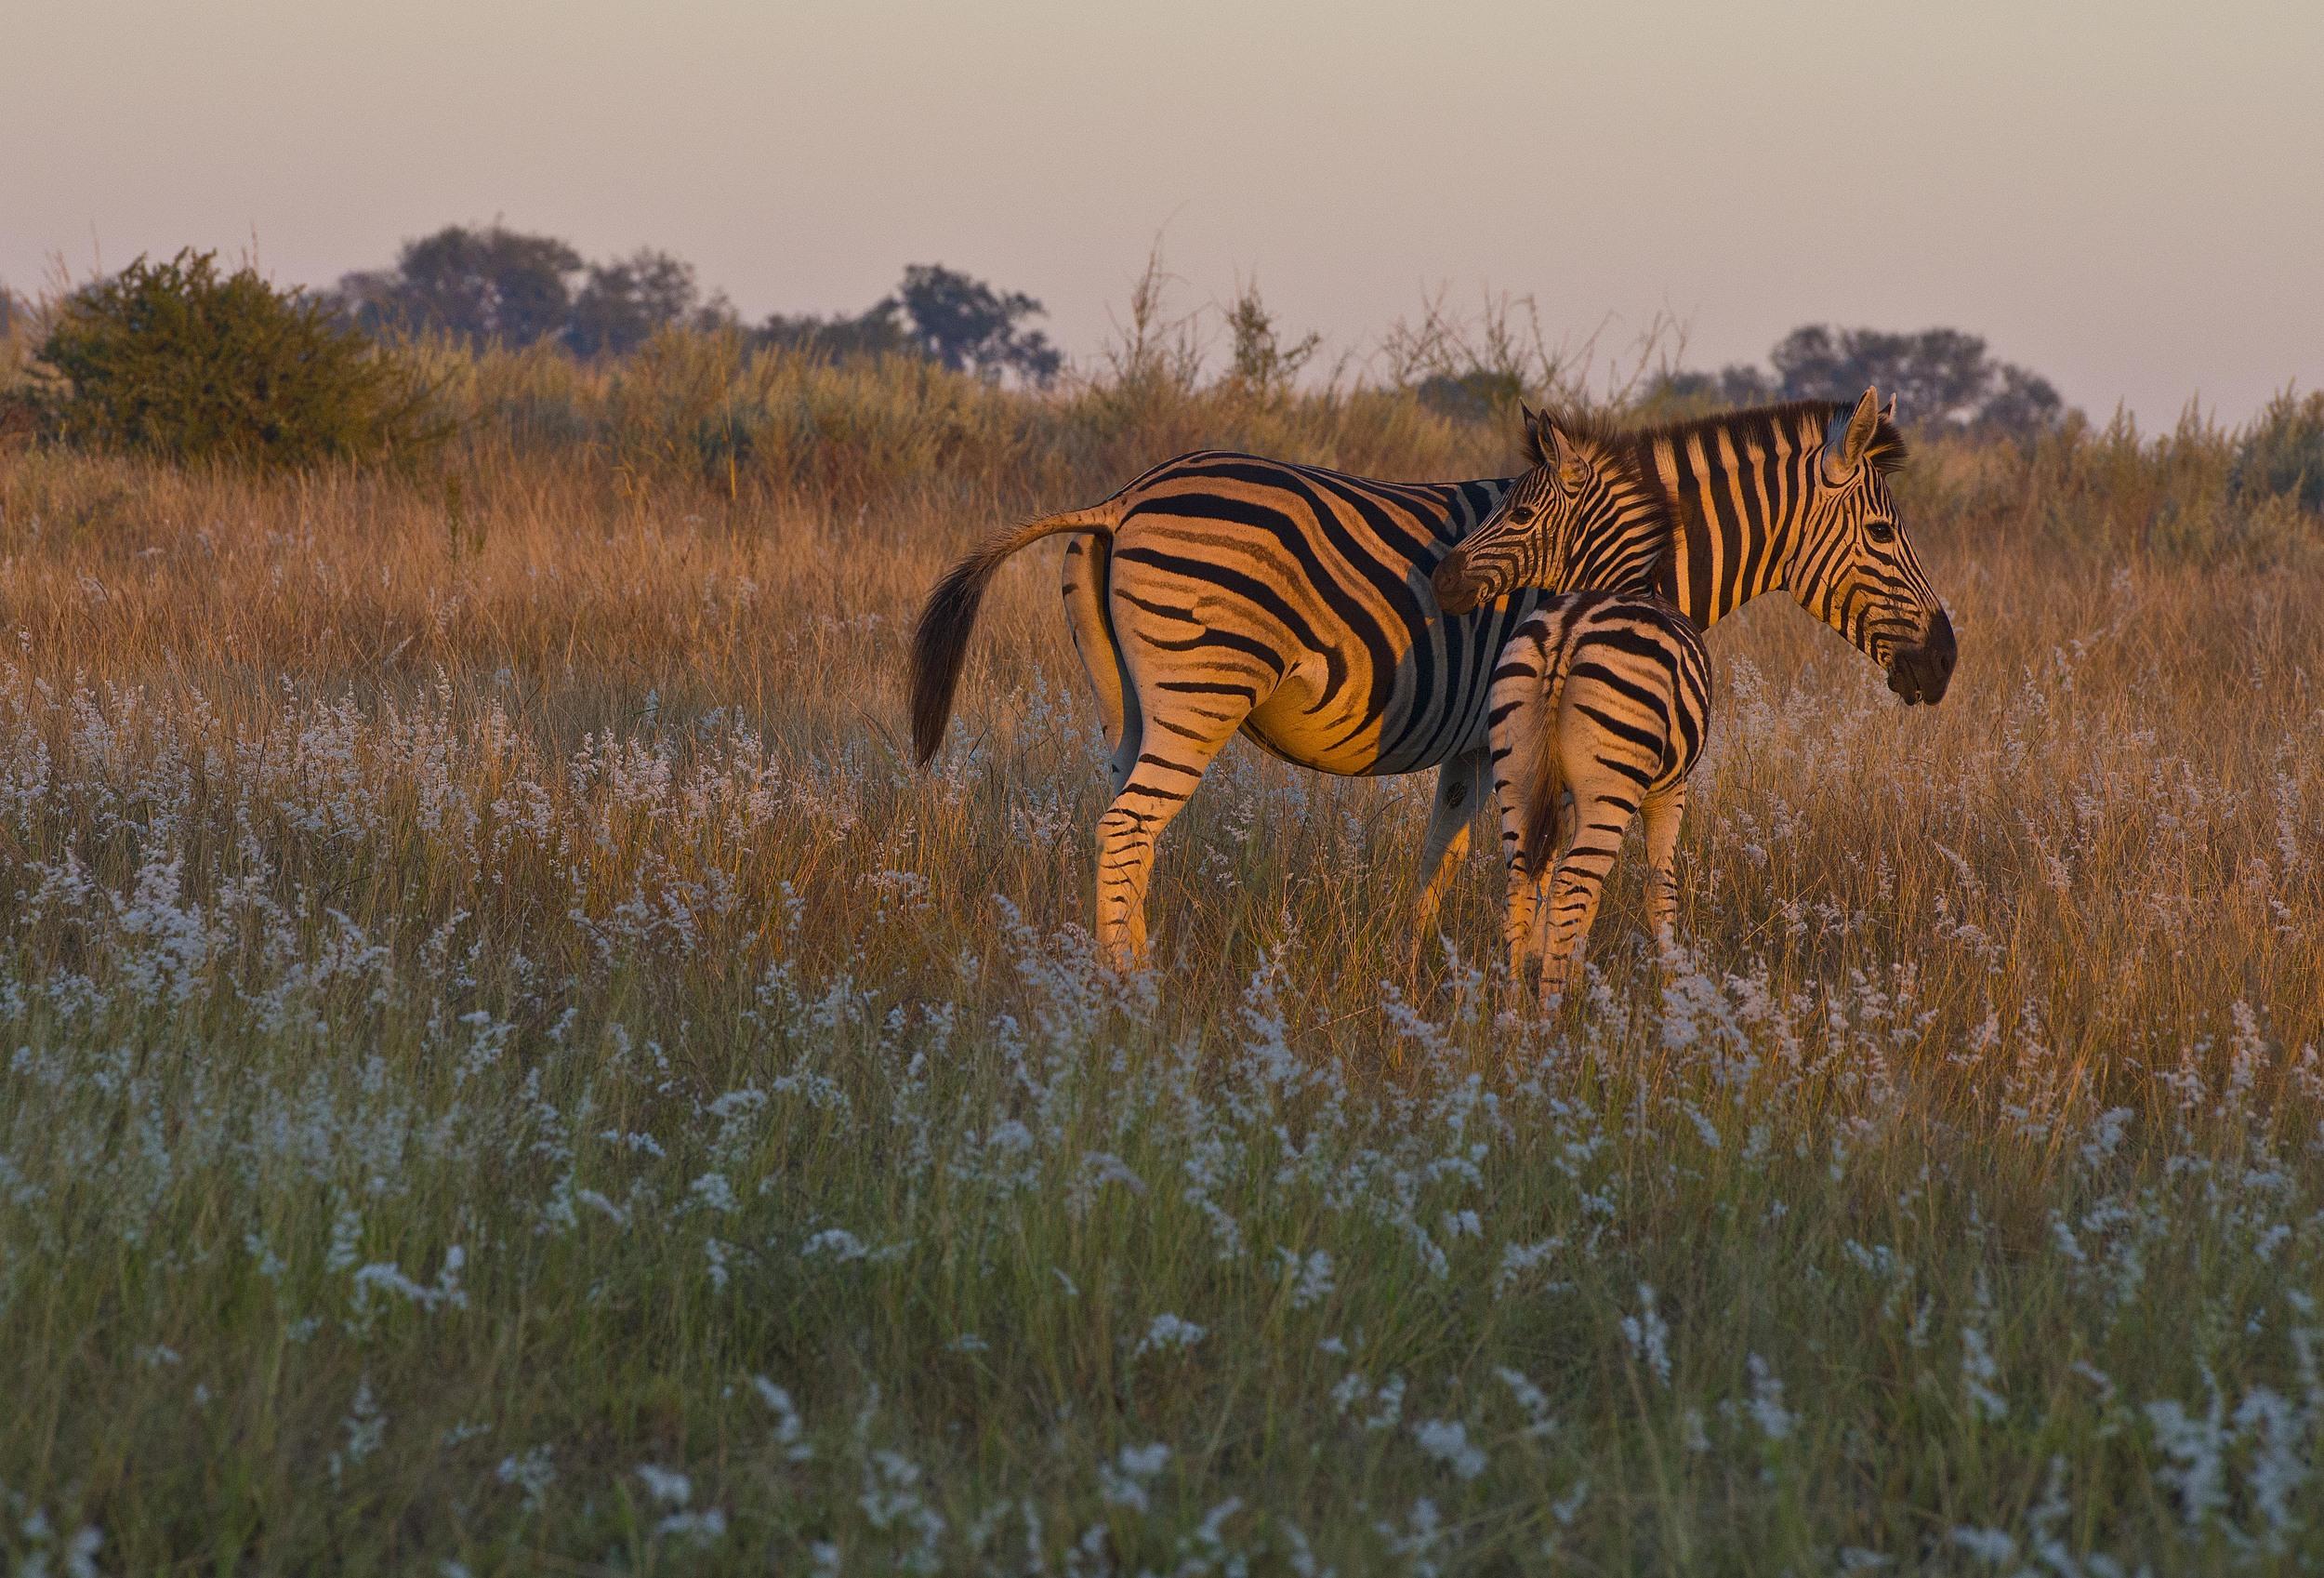 130420_DSC3561 Mother and Baby Zebra at Sunrise.jpg